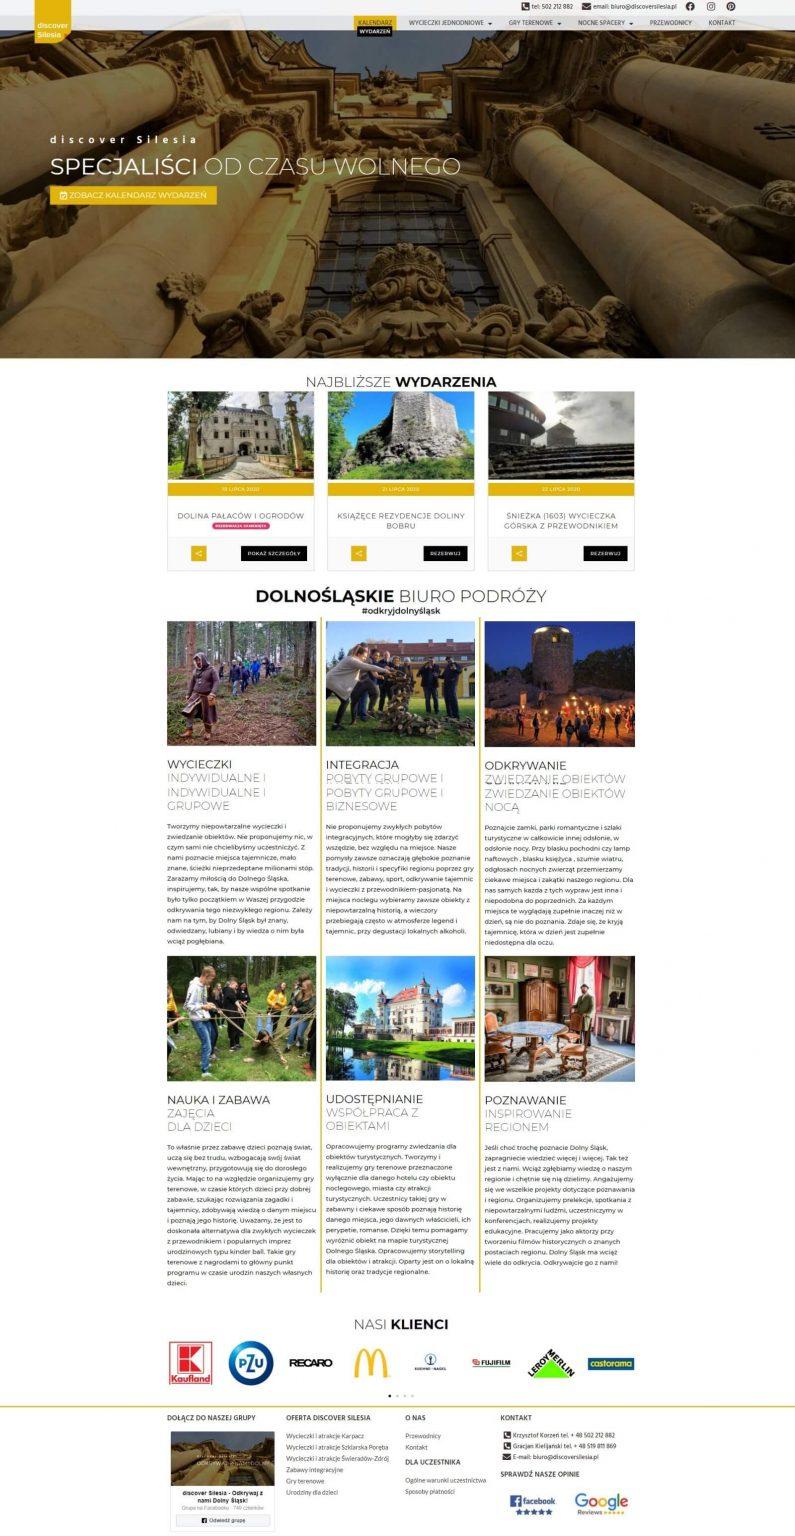 strona główna biura podróży